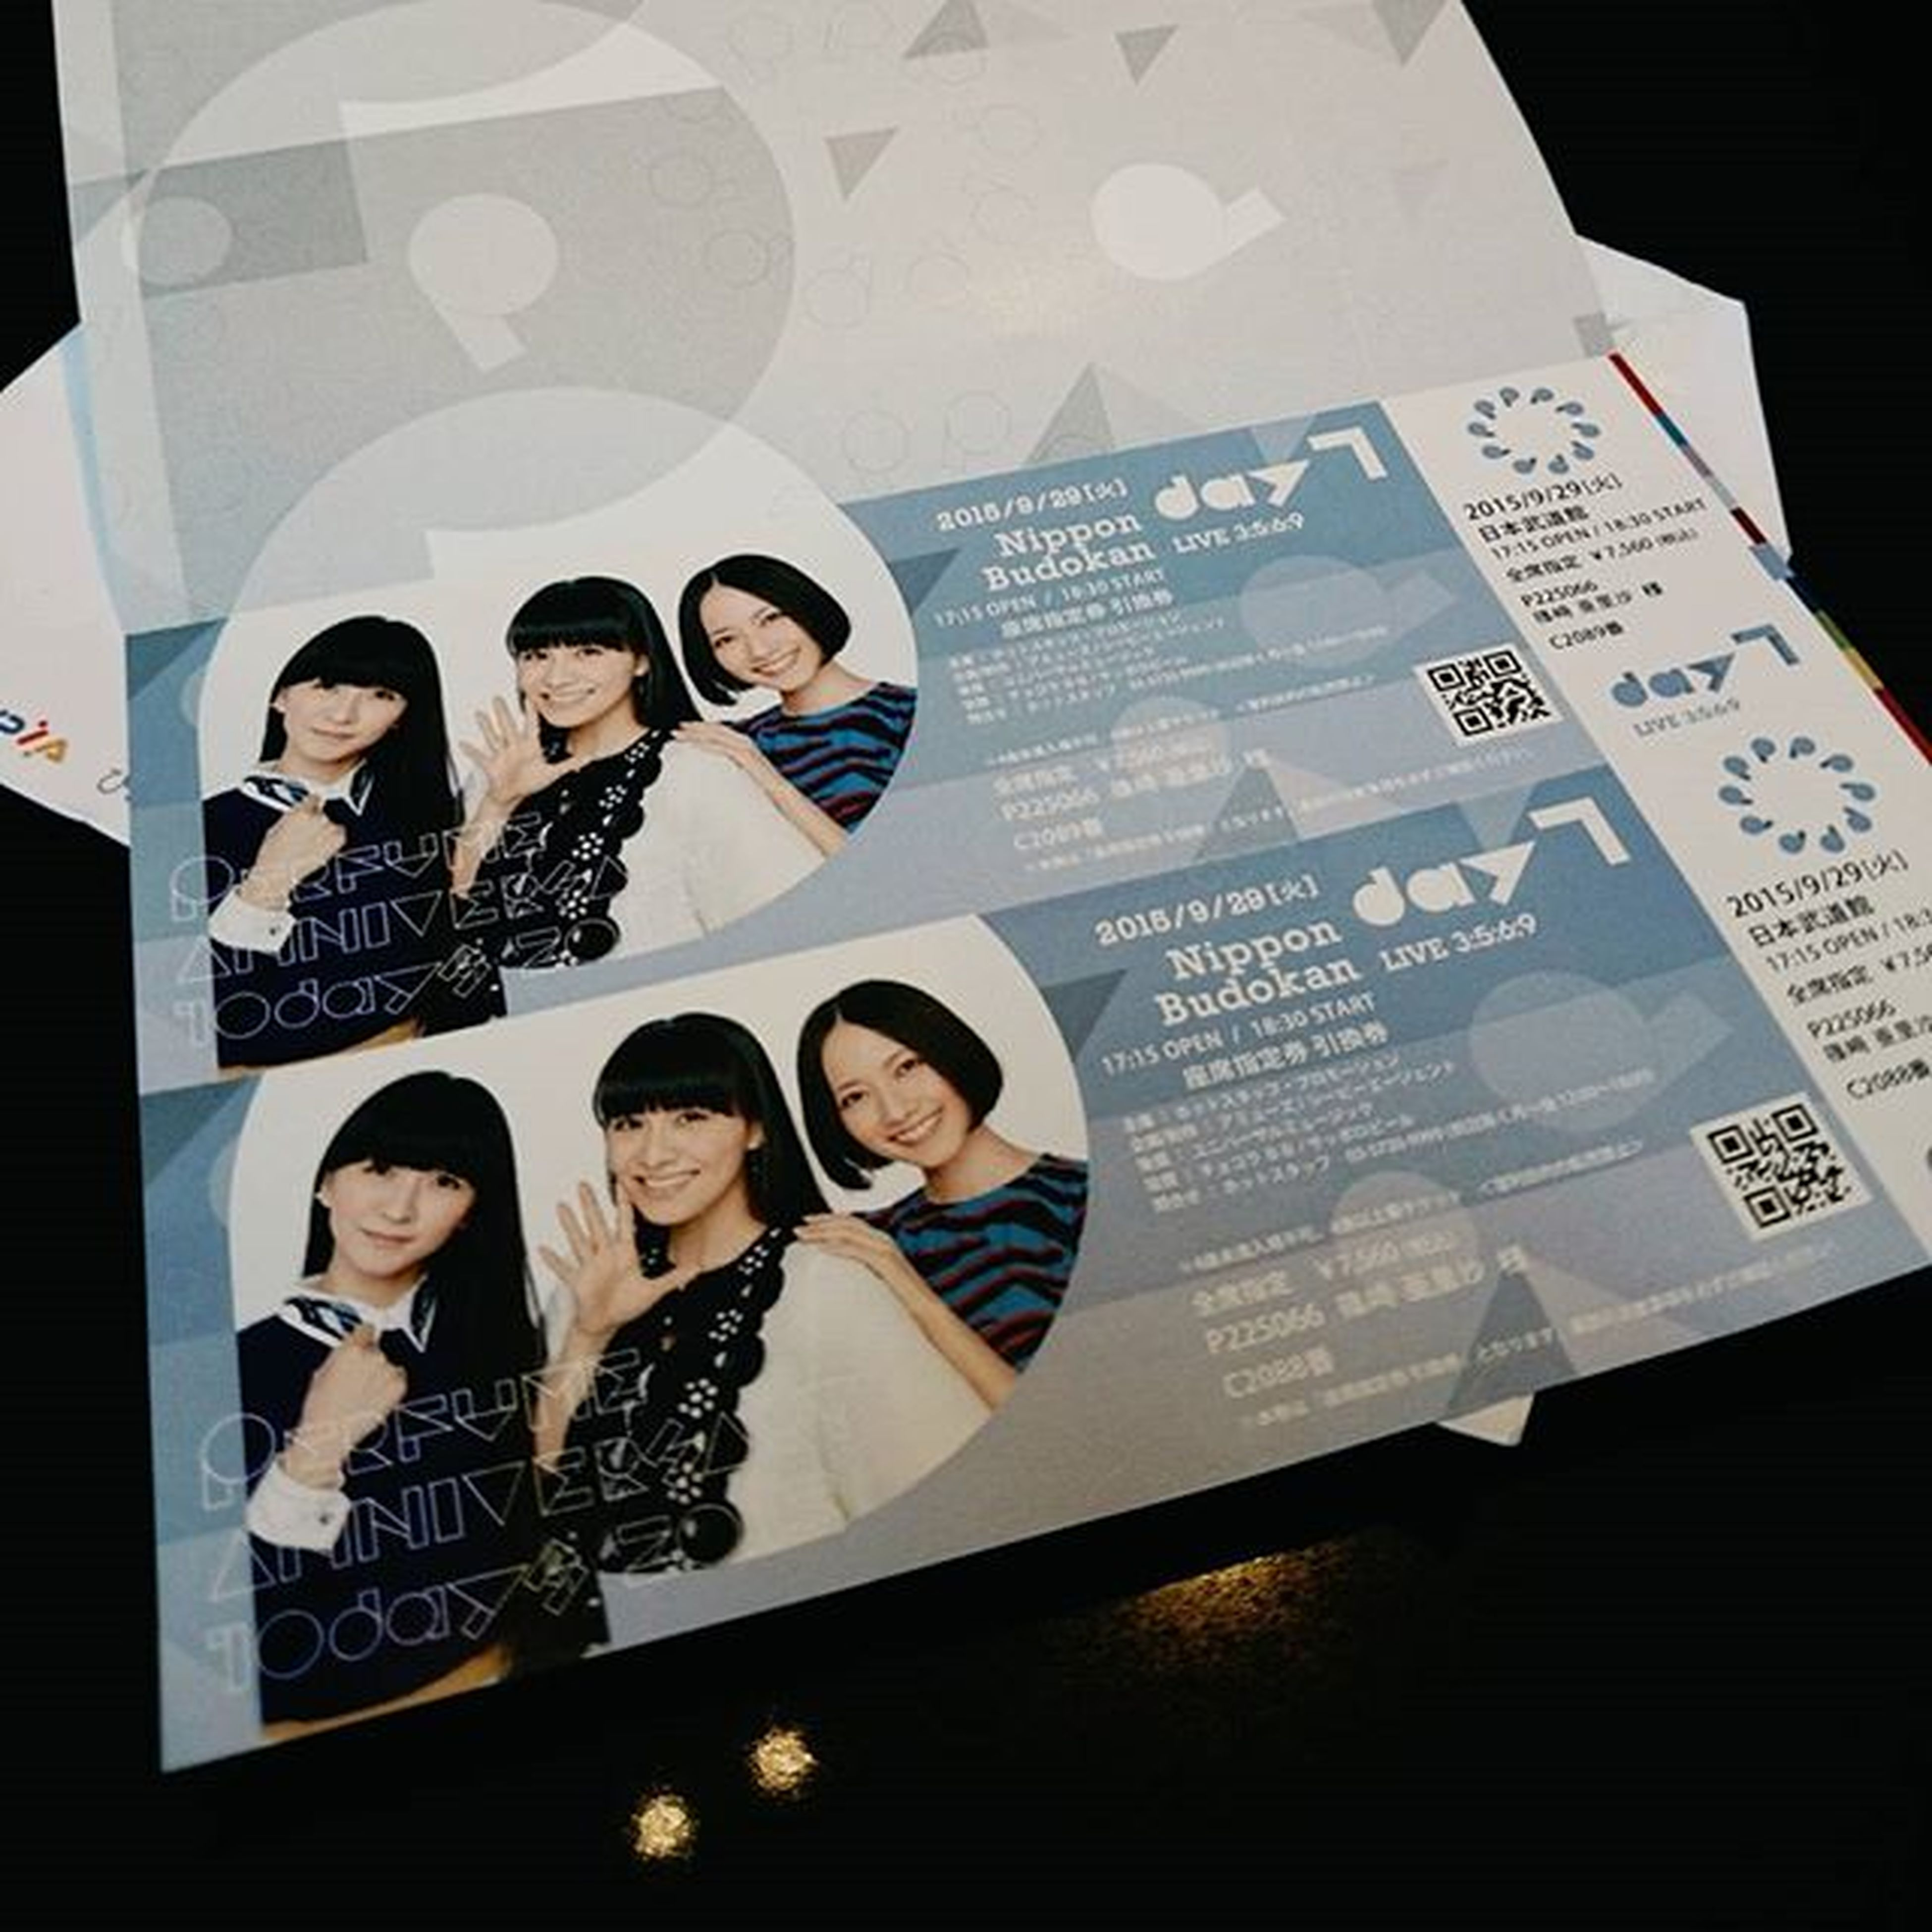 いってきます!ライブ Perfume Perfumeライブ 武道館 武道館ライブ ダンス ウキウキ